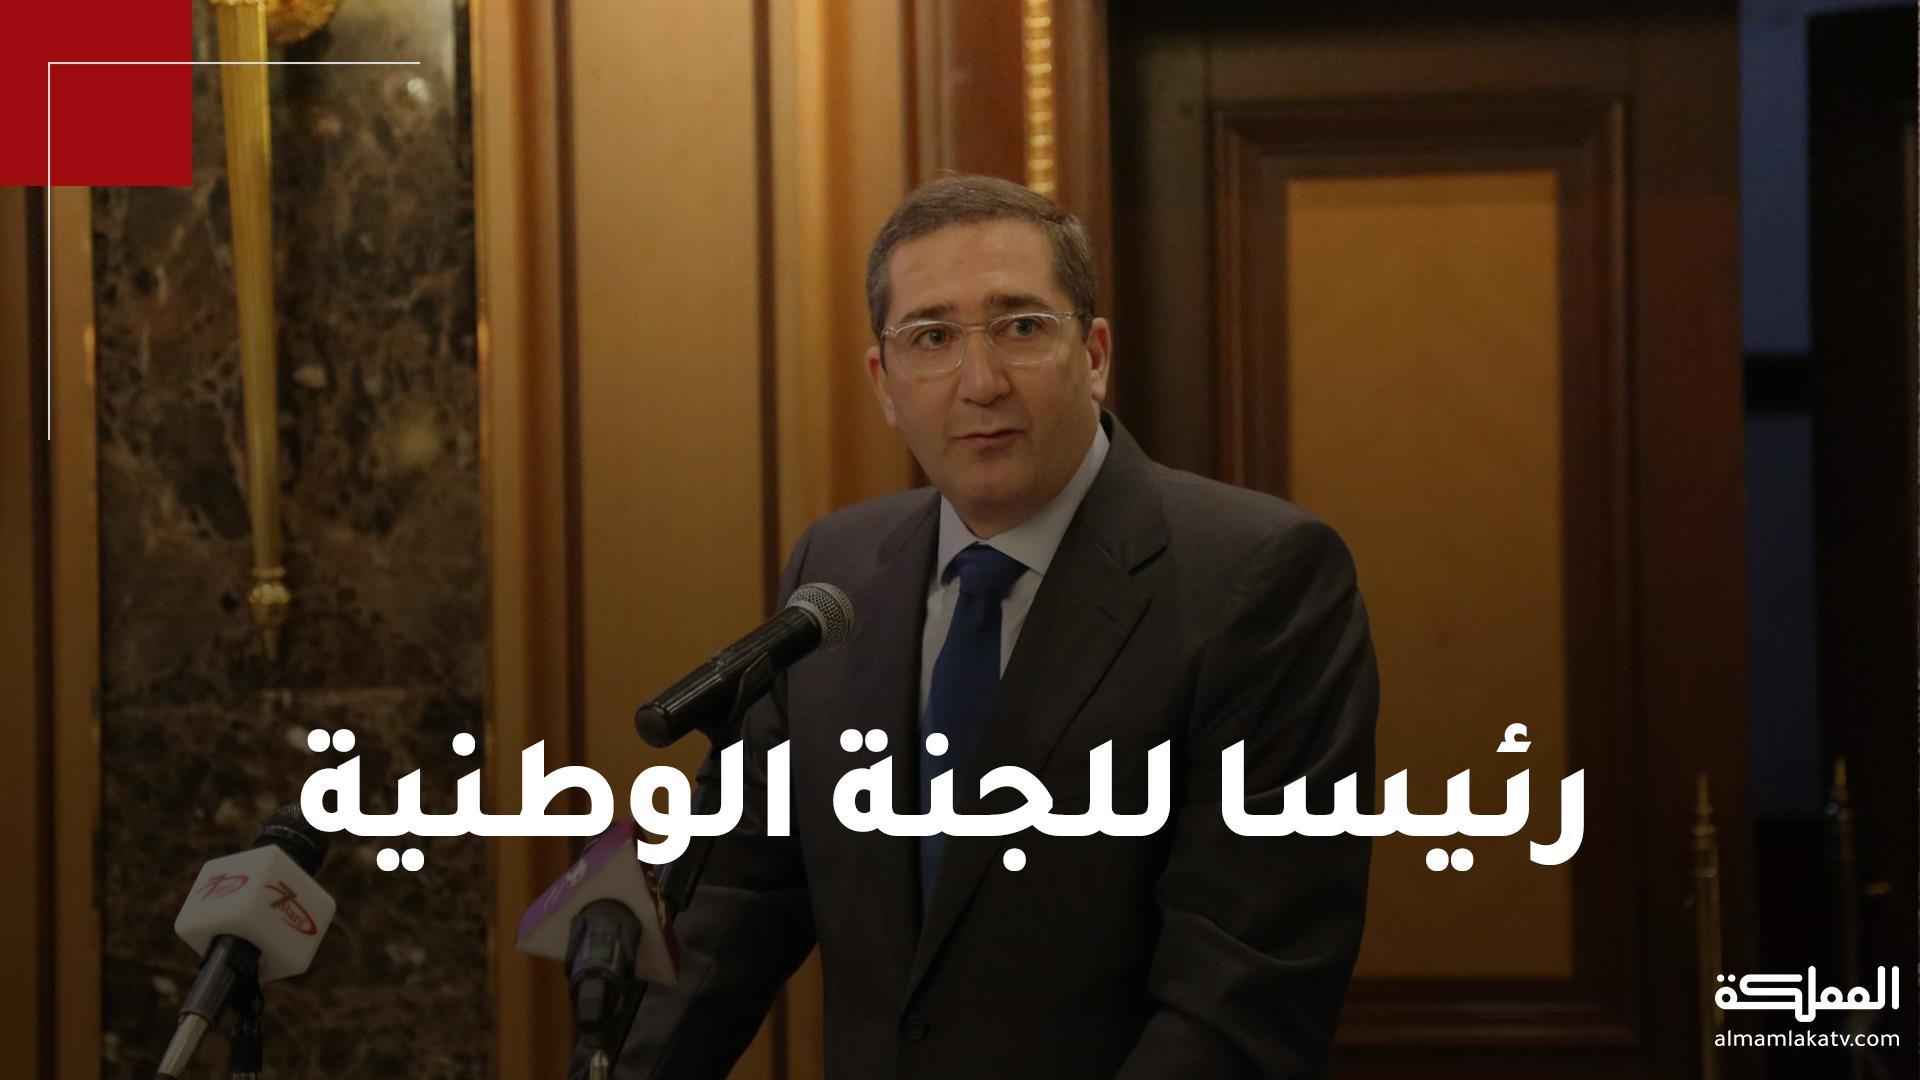 الملك يعهد لسمير الرفاعي برئاسة اللجنة الملكية لتحديث المنظومة السياسية